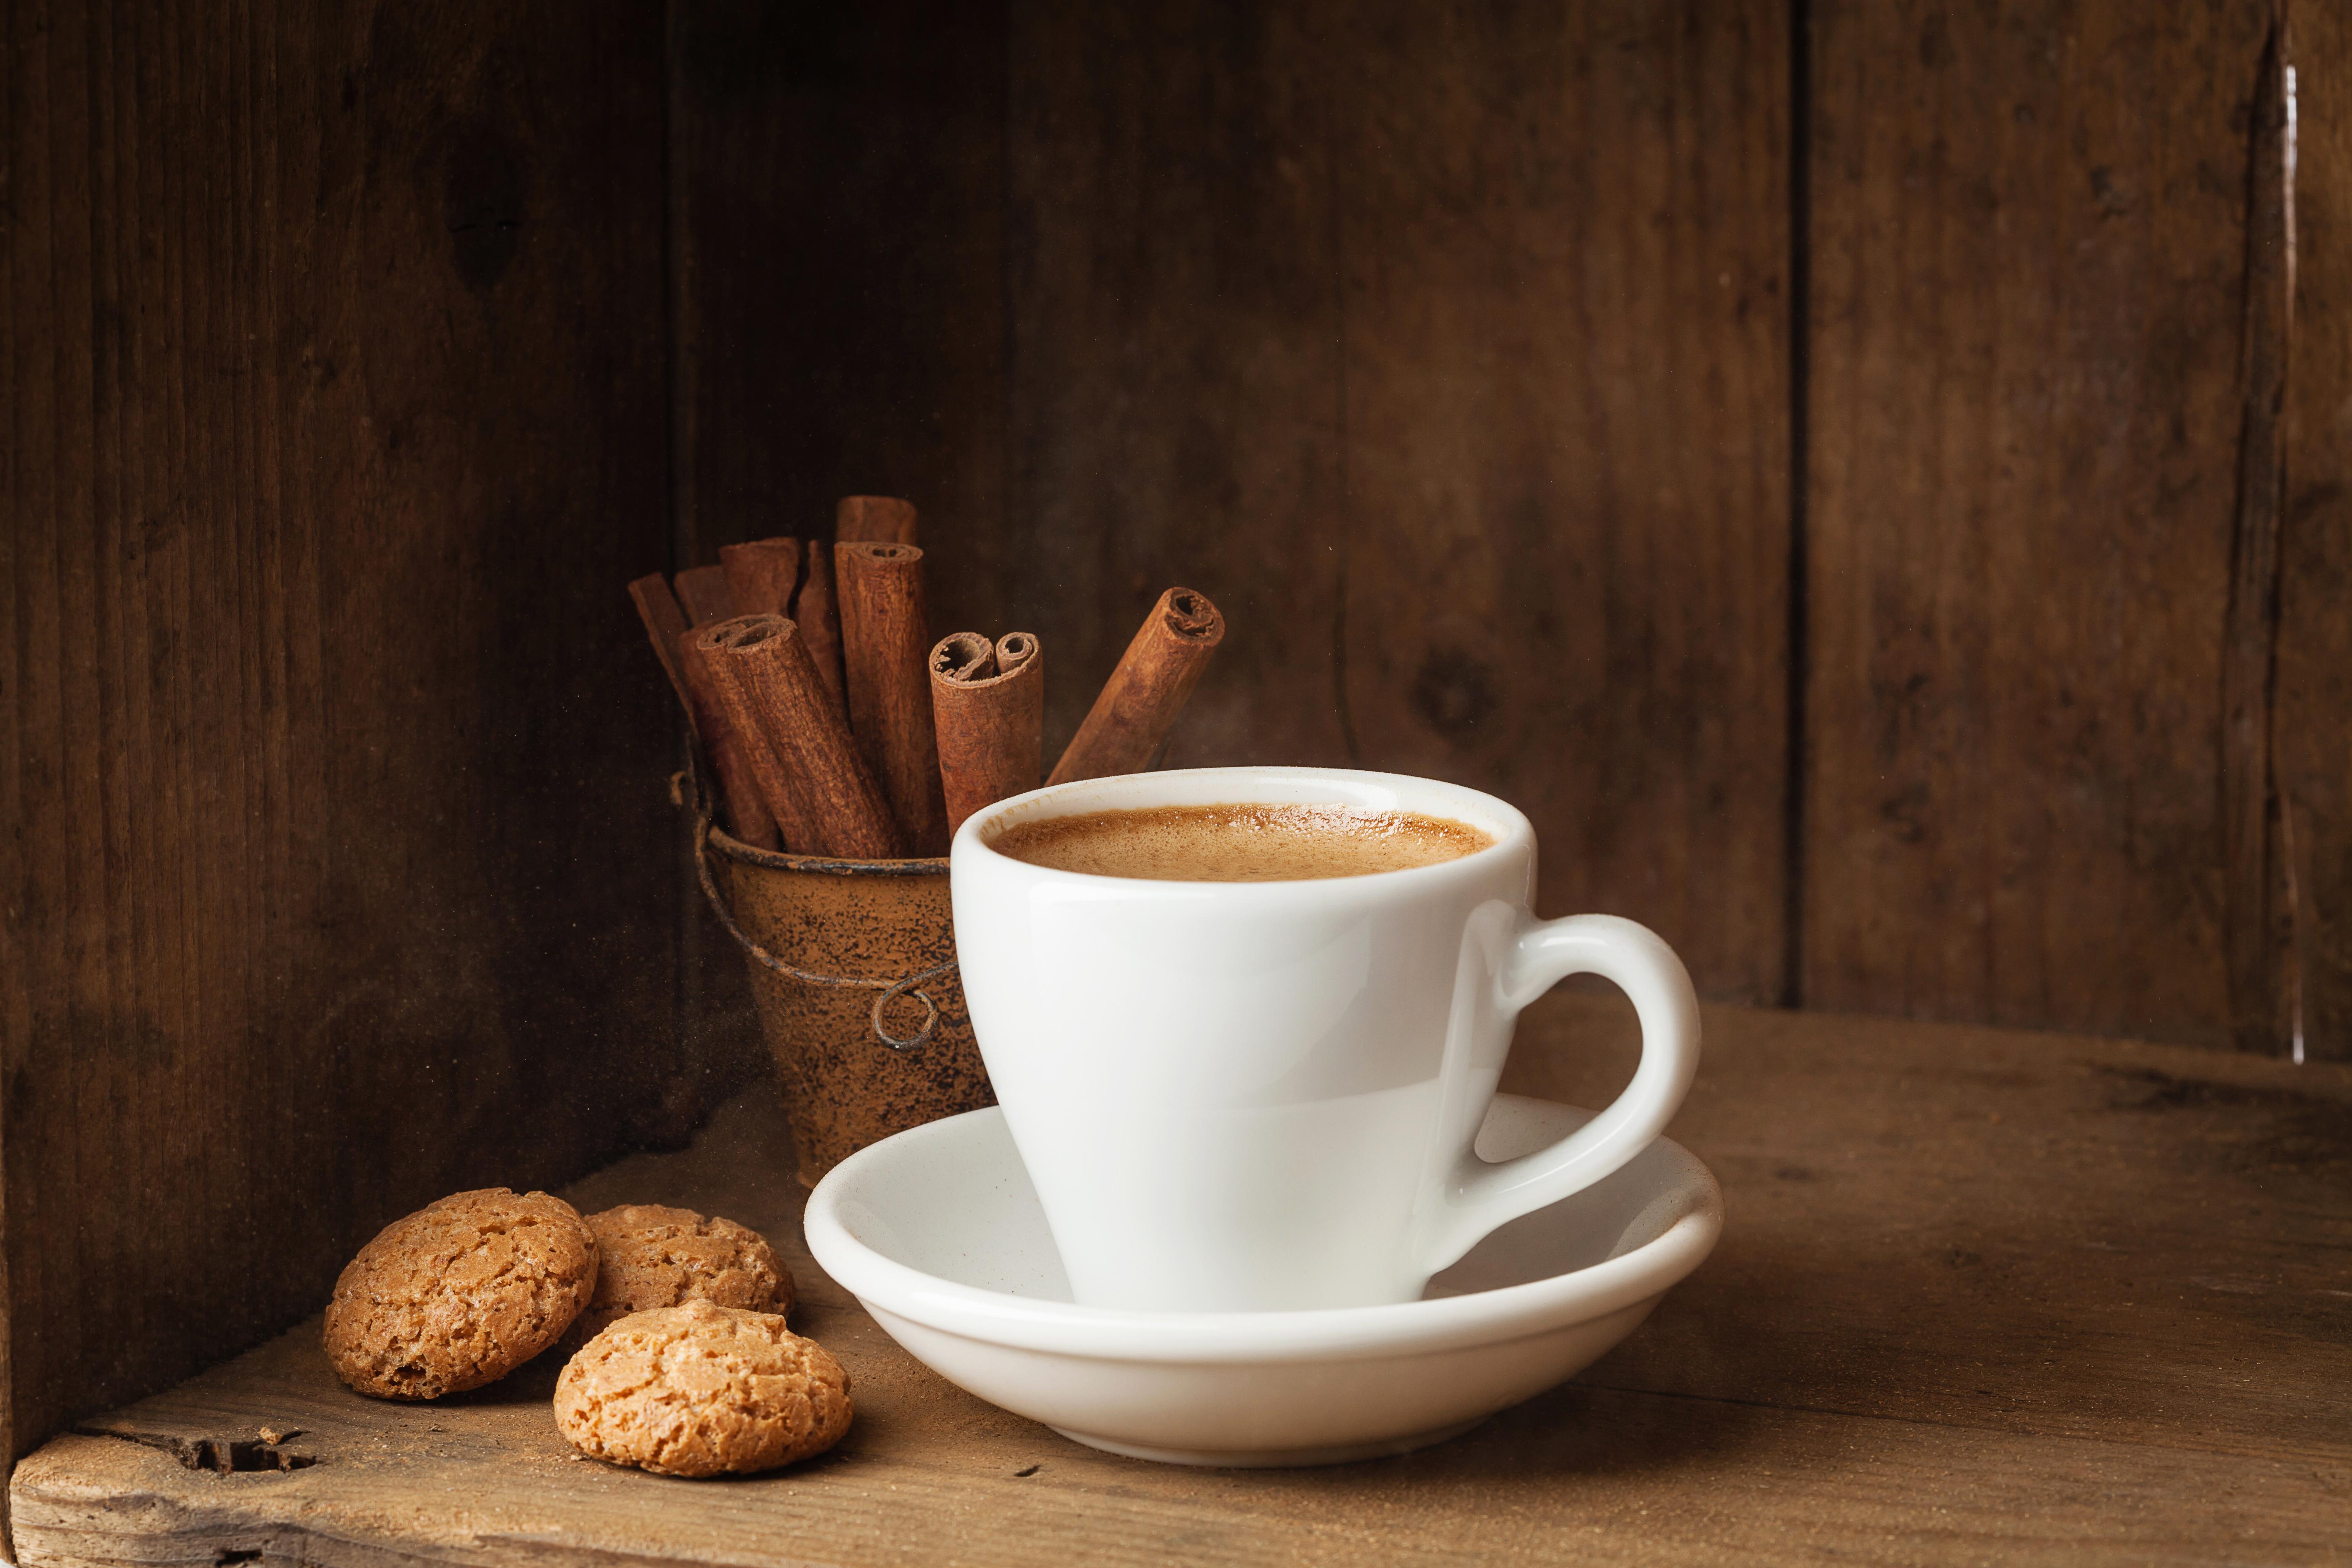 целях картинки кофе в кружке и печеньки может быть лучше